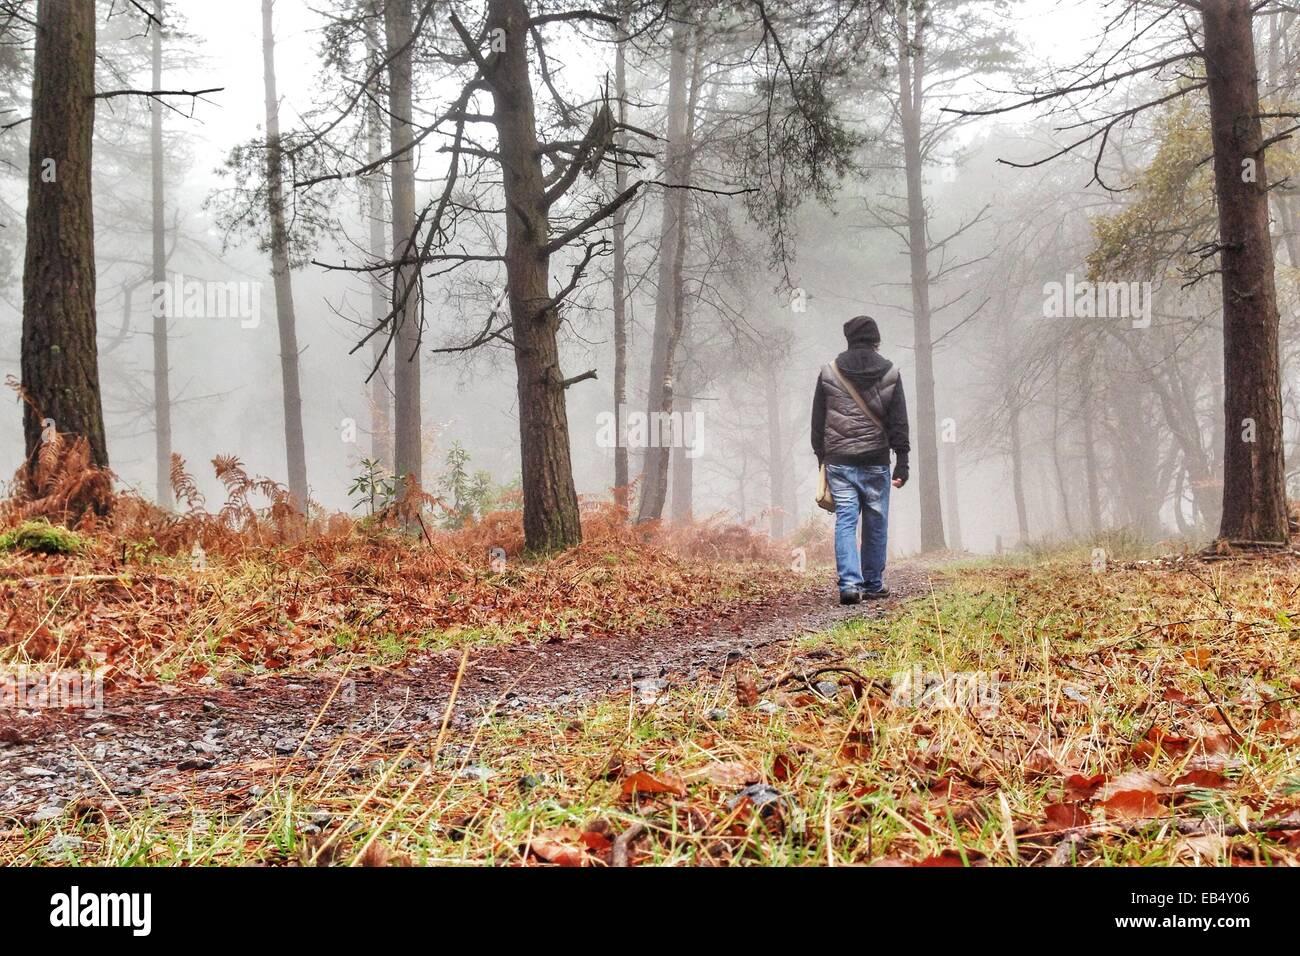 Haldon Forest, Devon, UK. 26th November, 2014. UK weather. Autumnal fog in Haldon Forest. Credit: nidpor/Alamy Live - Stock Image